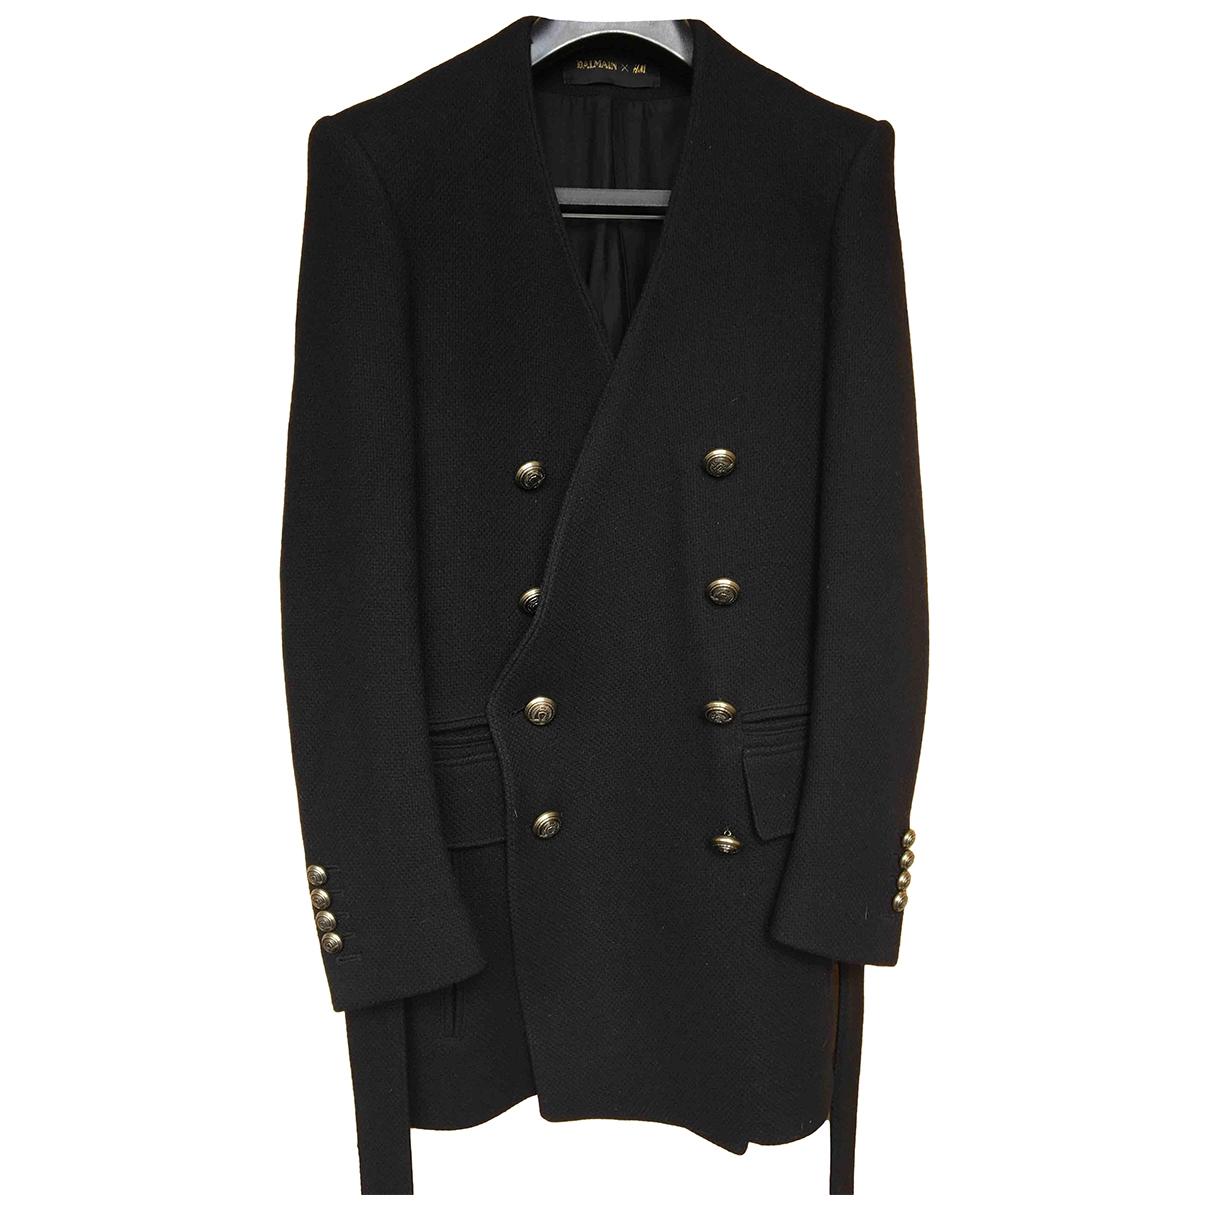 Balmain For H&m - Manteau   pour homme en laine - noir